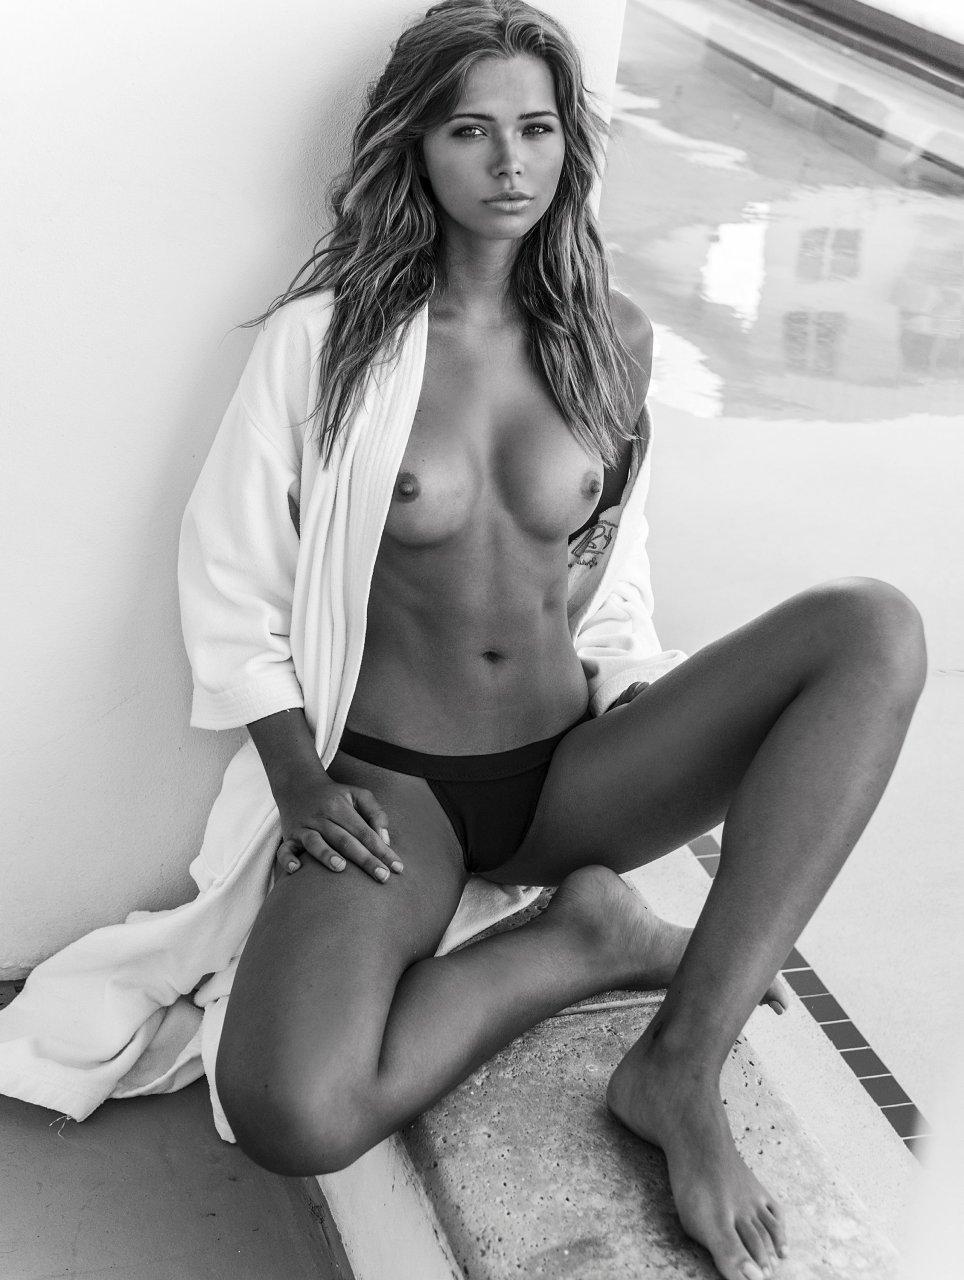 Seductive women non nude